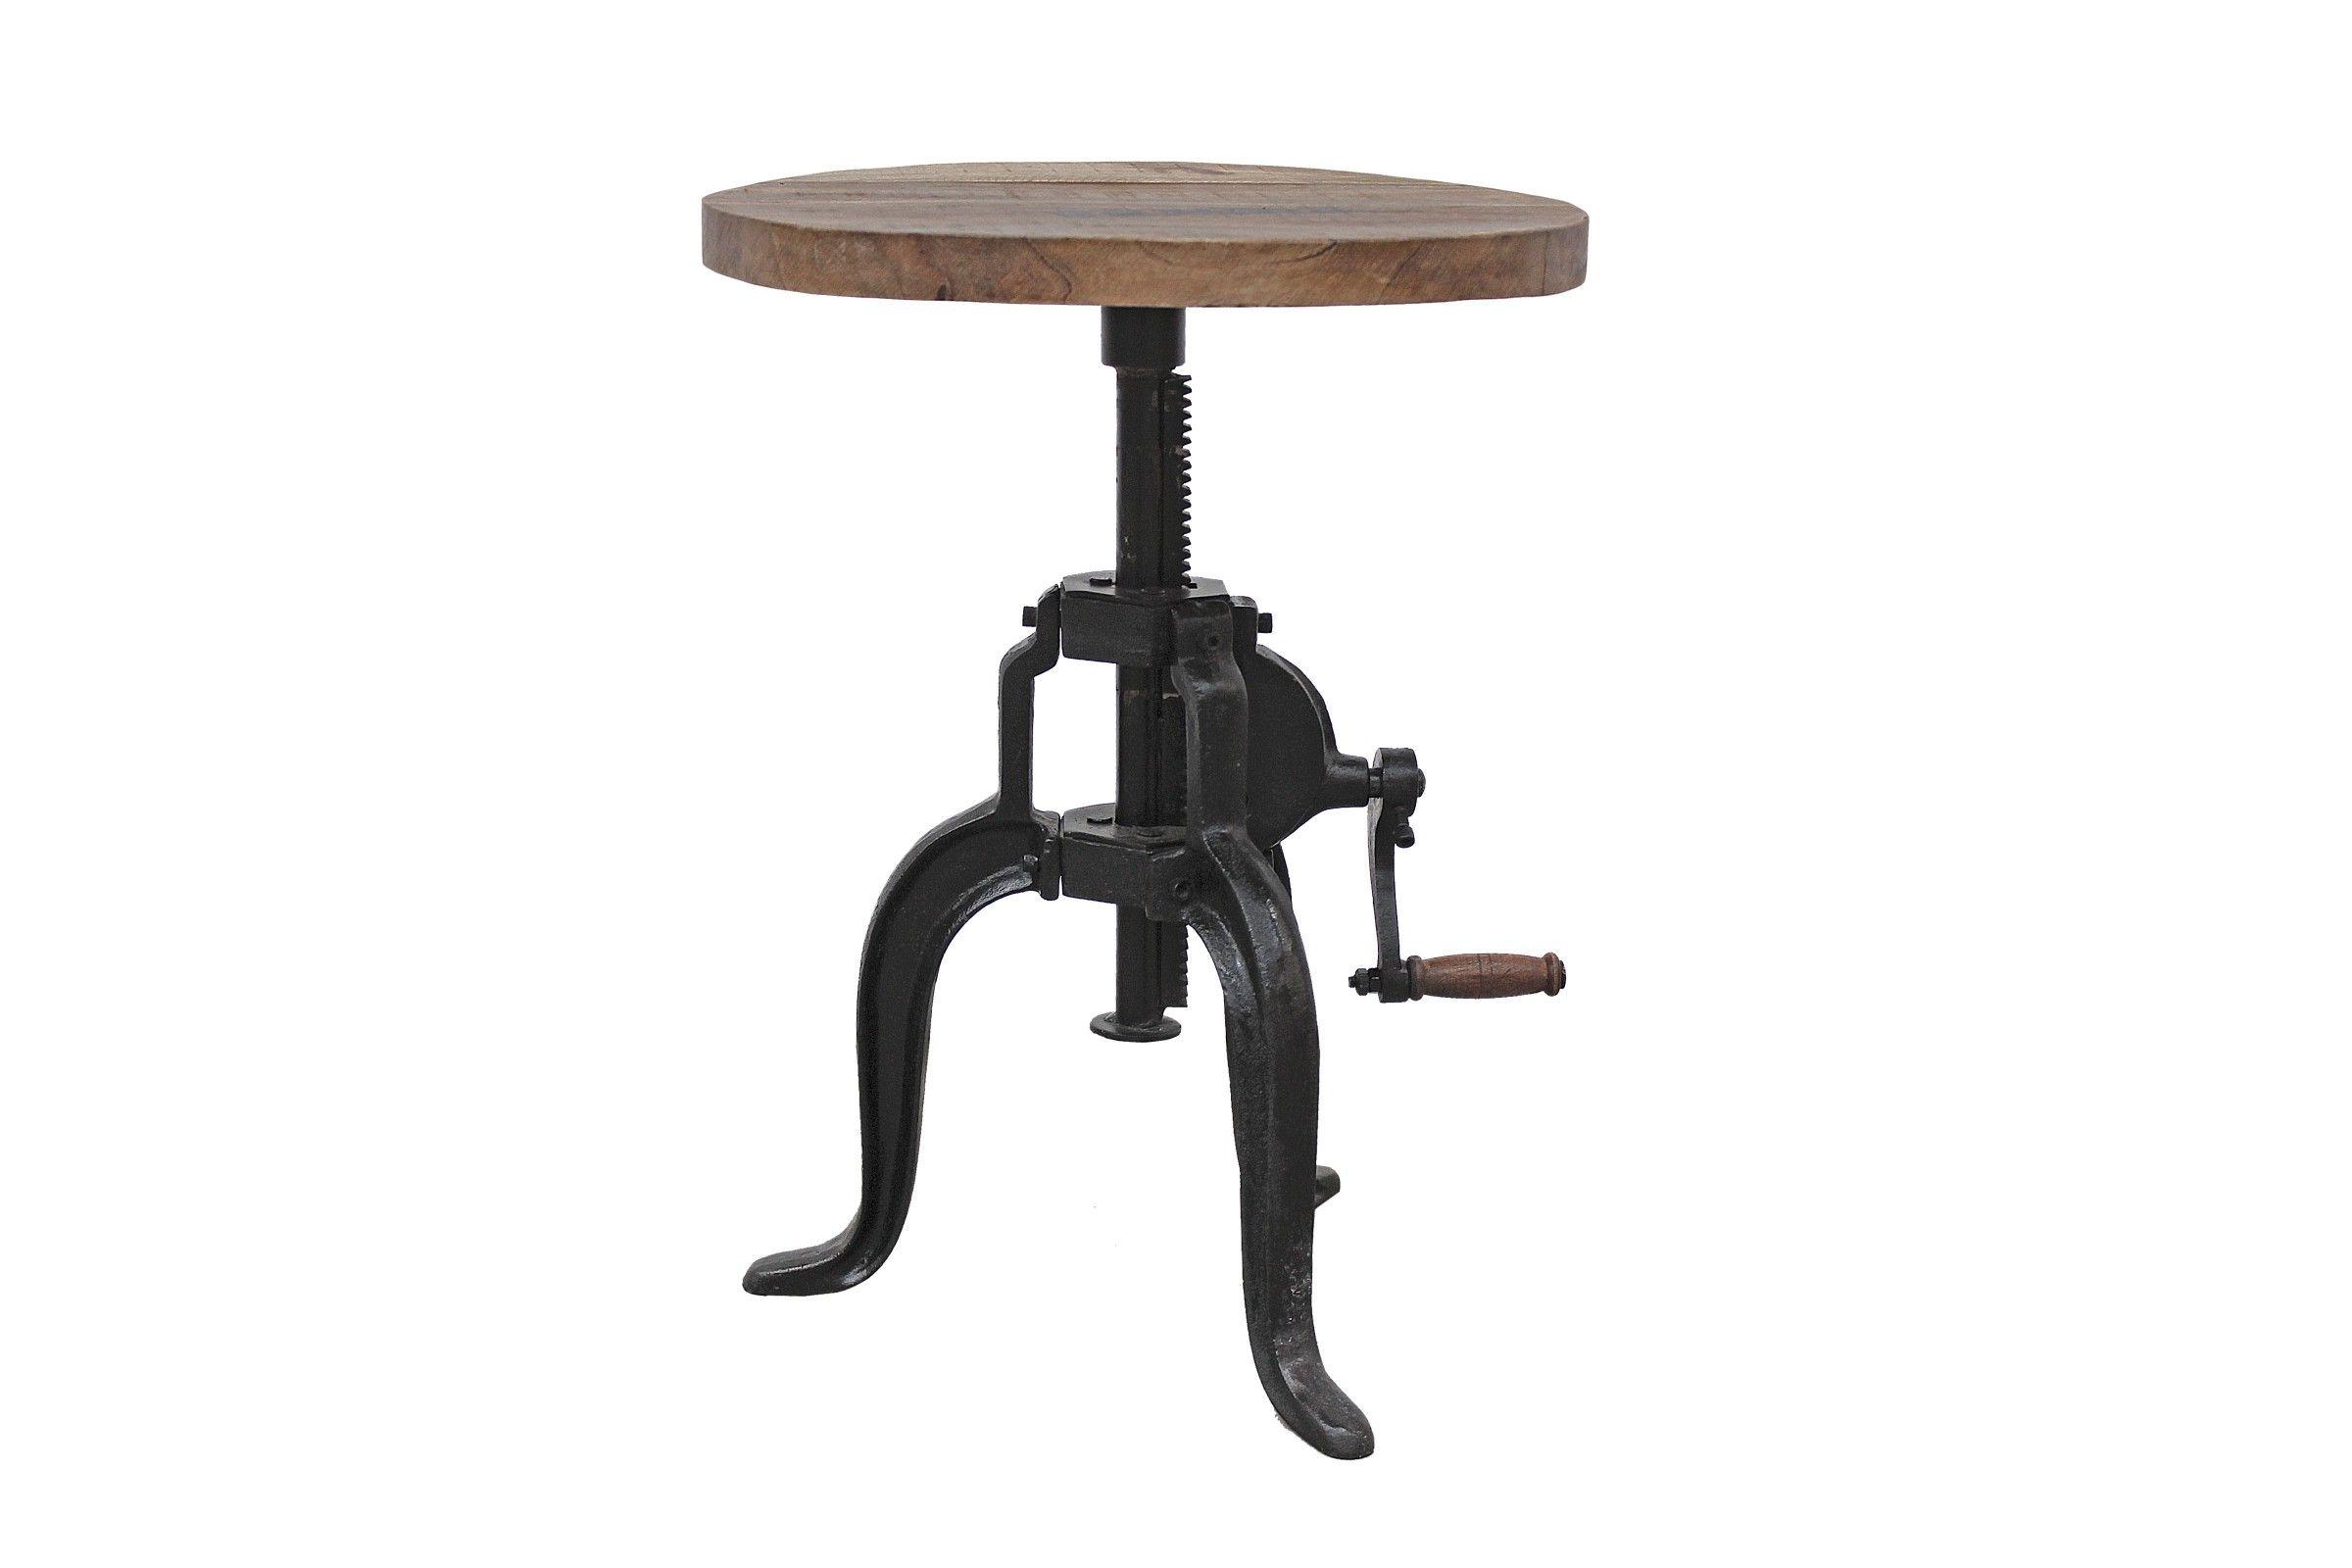 Hohenverstellbarer Tisch Aus Mangoholz Einfach Uber Die